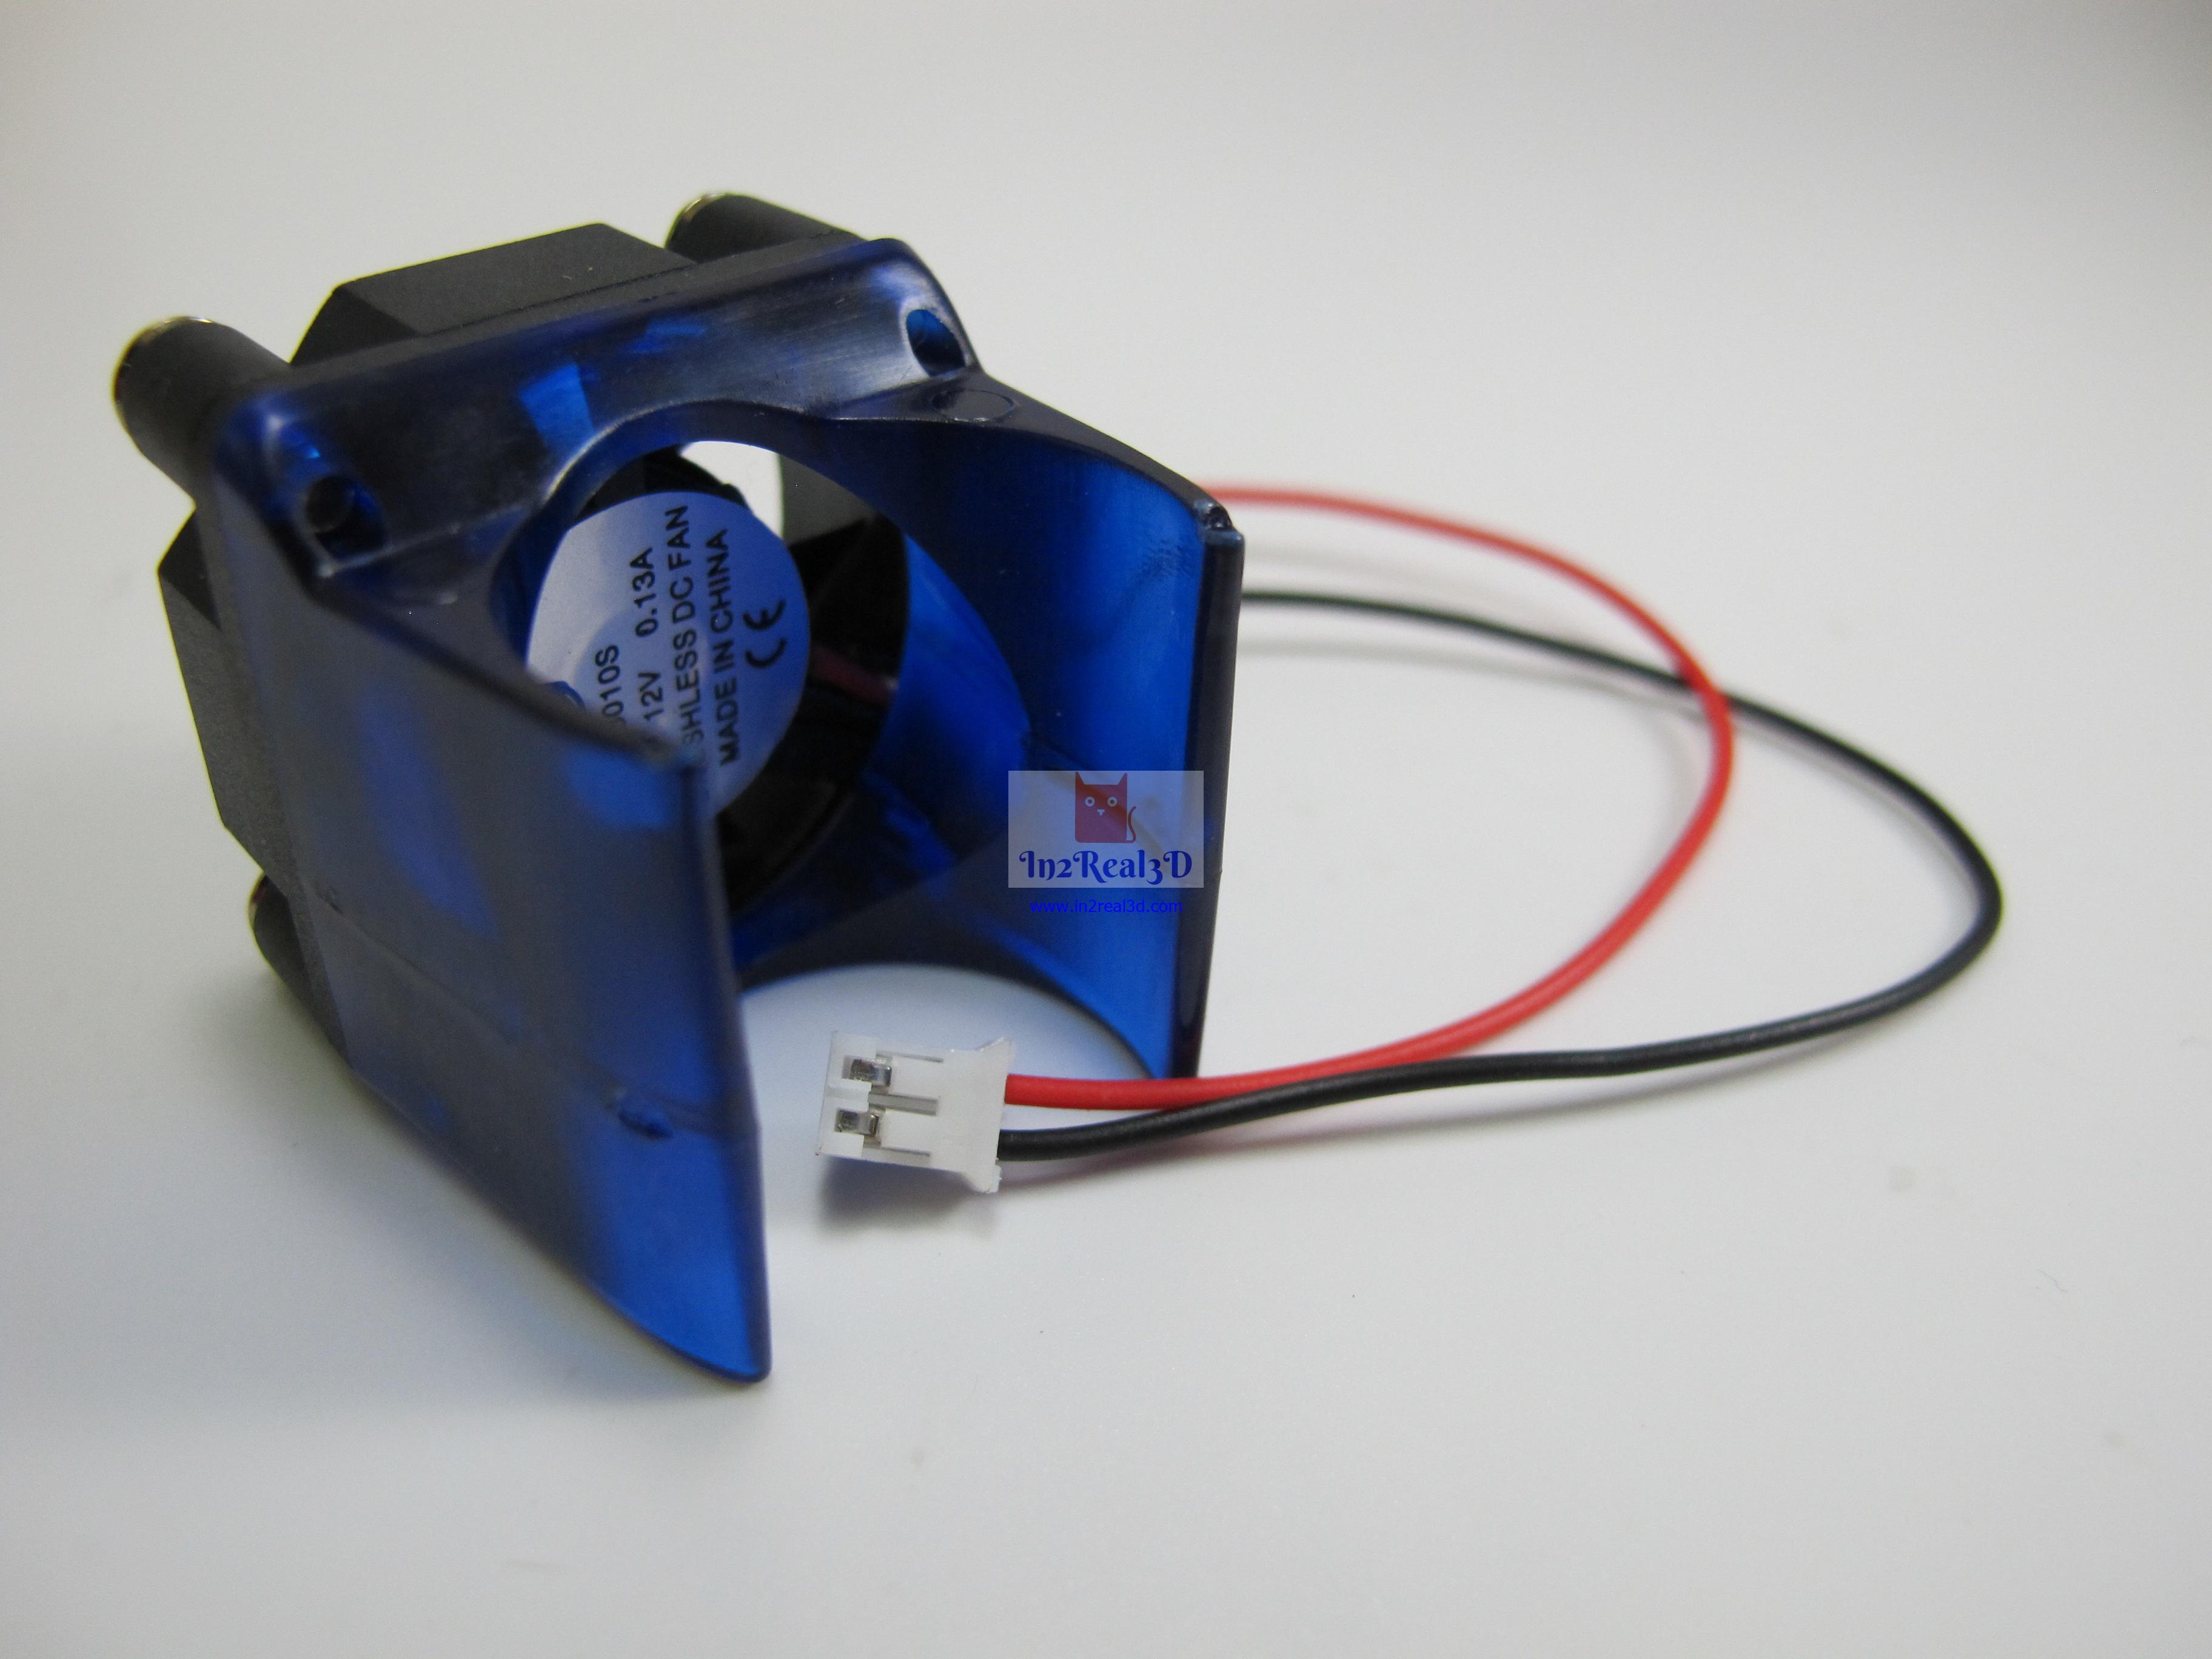 E3D v6 Cooling Fan